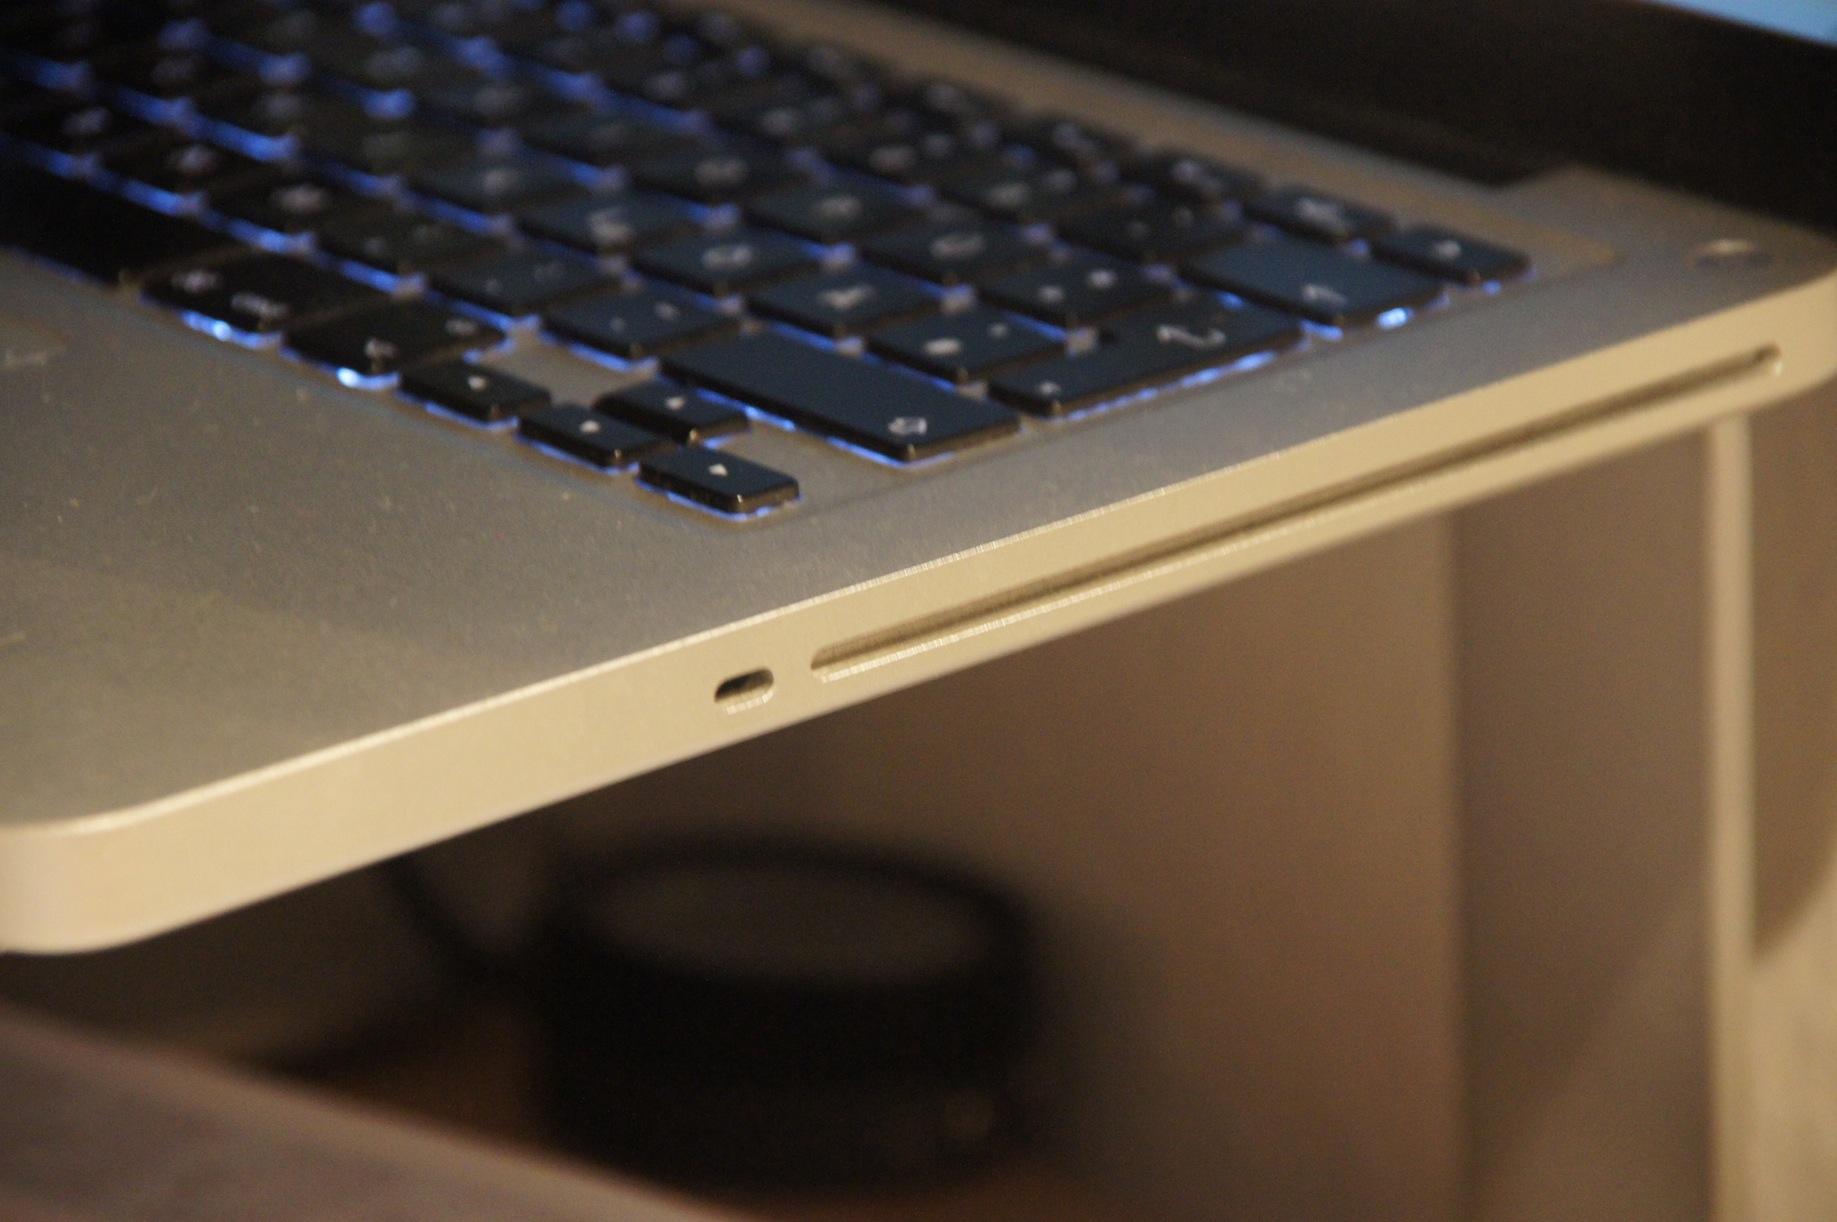 Tipps für den Kauf von Laptopschlössern